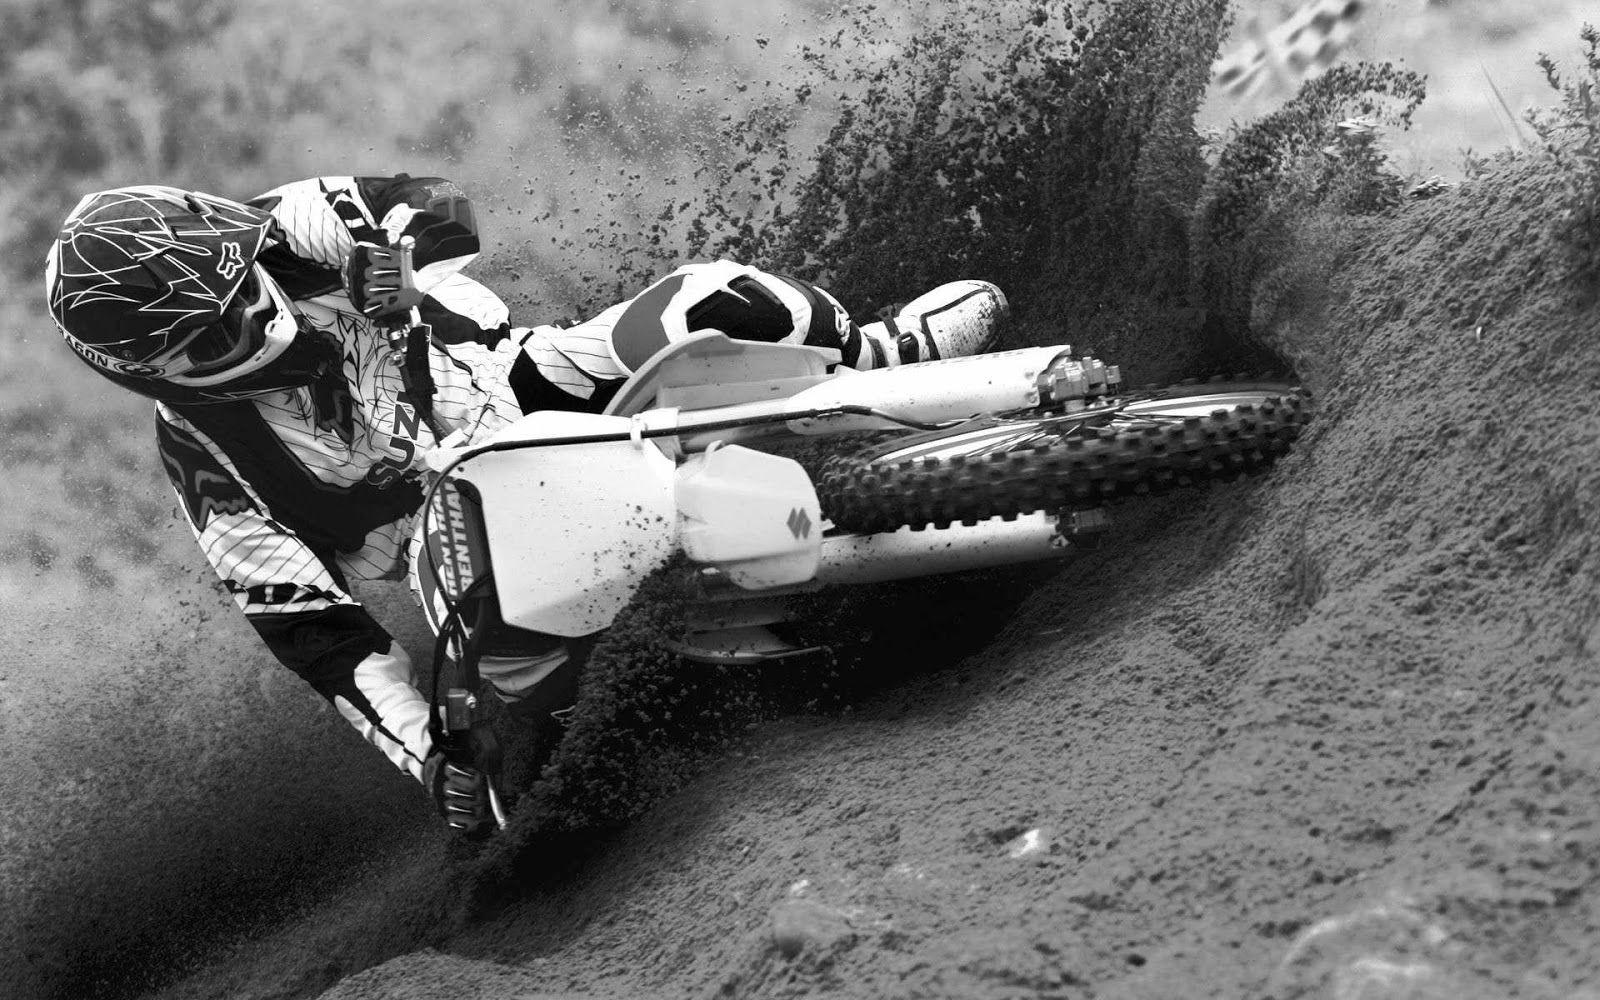 Dirt Bikes Black And White Wallpapers Suzuki Motocross Motocross Bikes Dirt Bikes